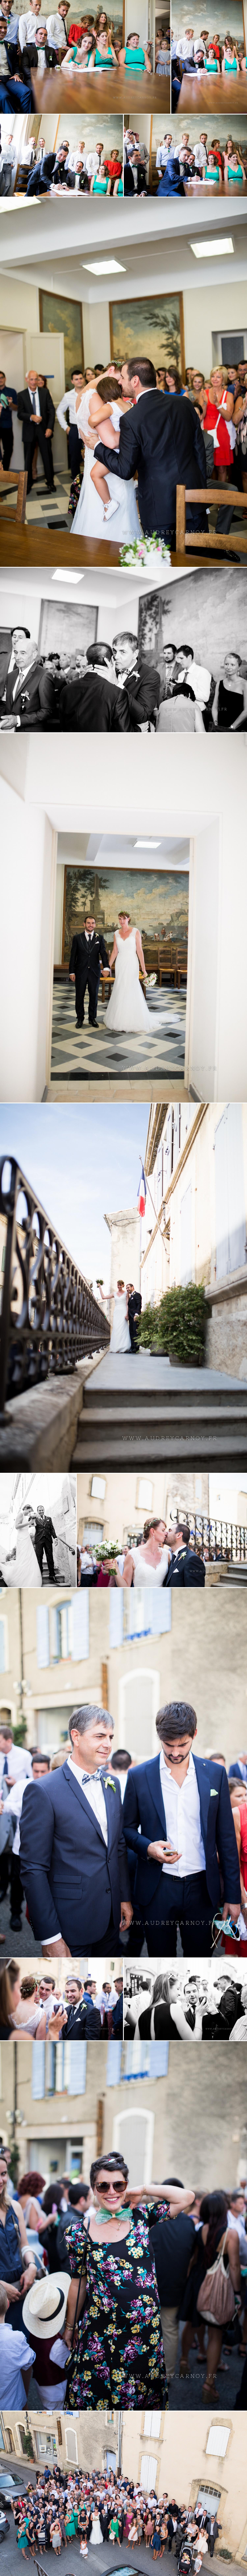 Mariage au Château de Turcan - Ansouis - Vaucluse | Marie & François 21